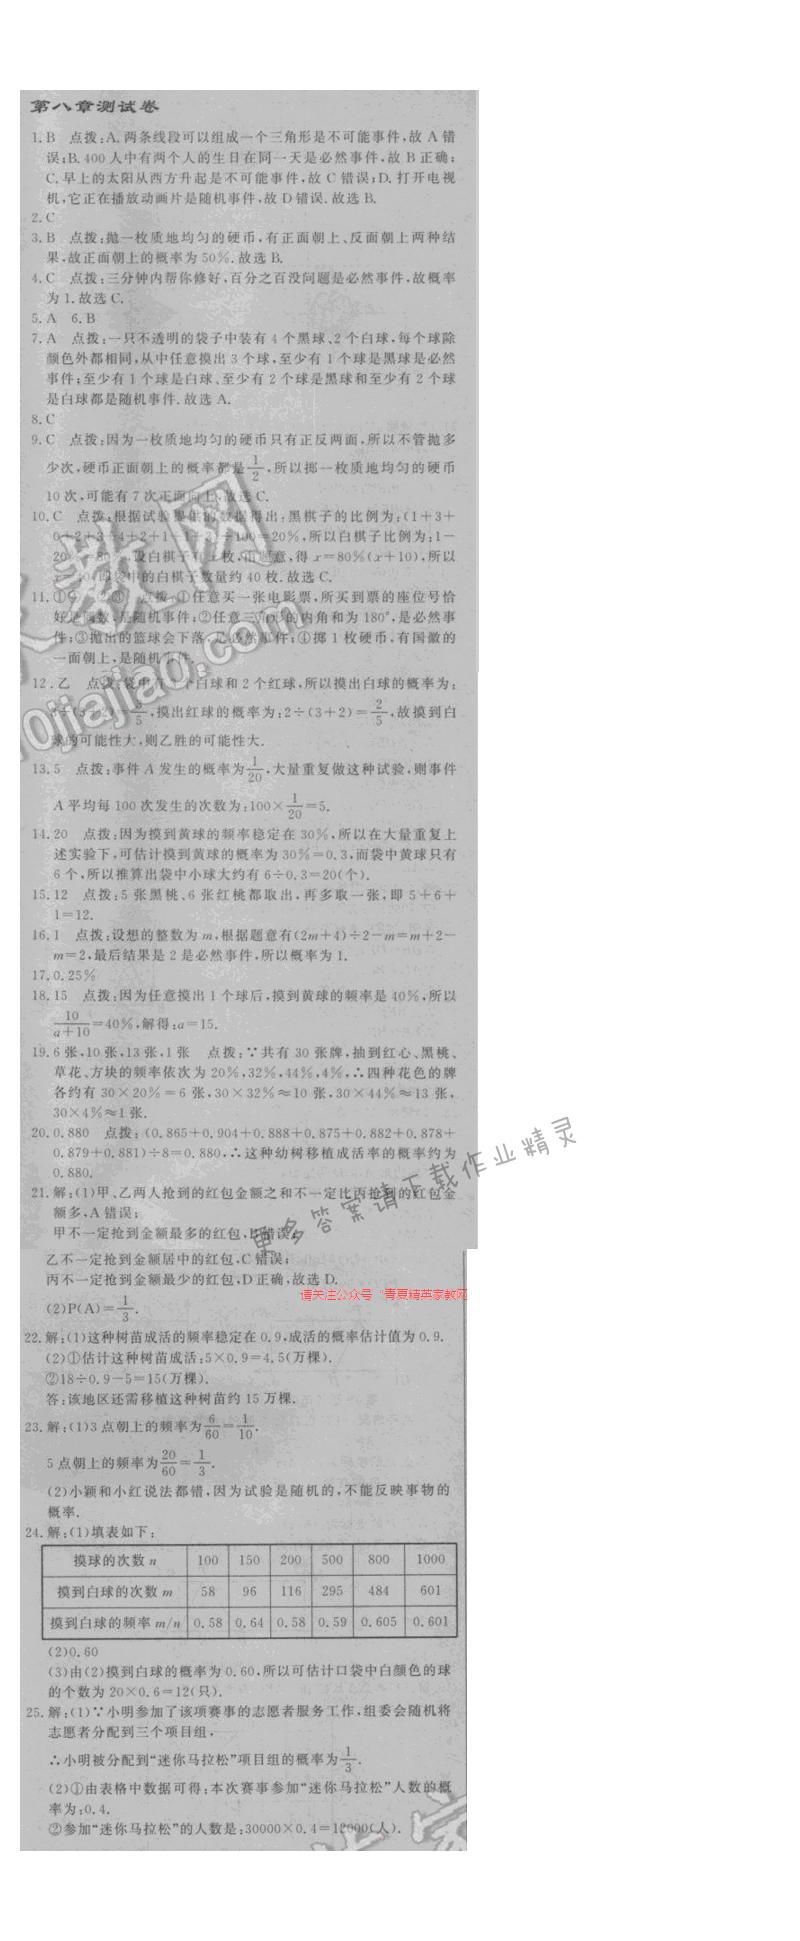 2016年启东中学作业本八年级数学下册江苏版 第八章测试卷